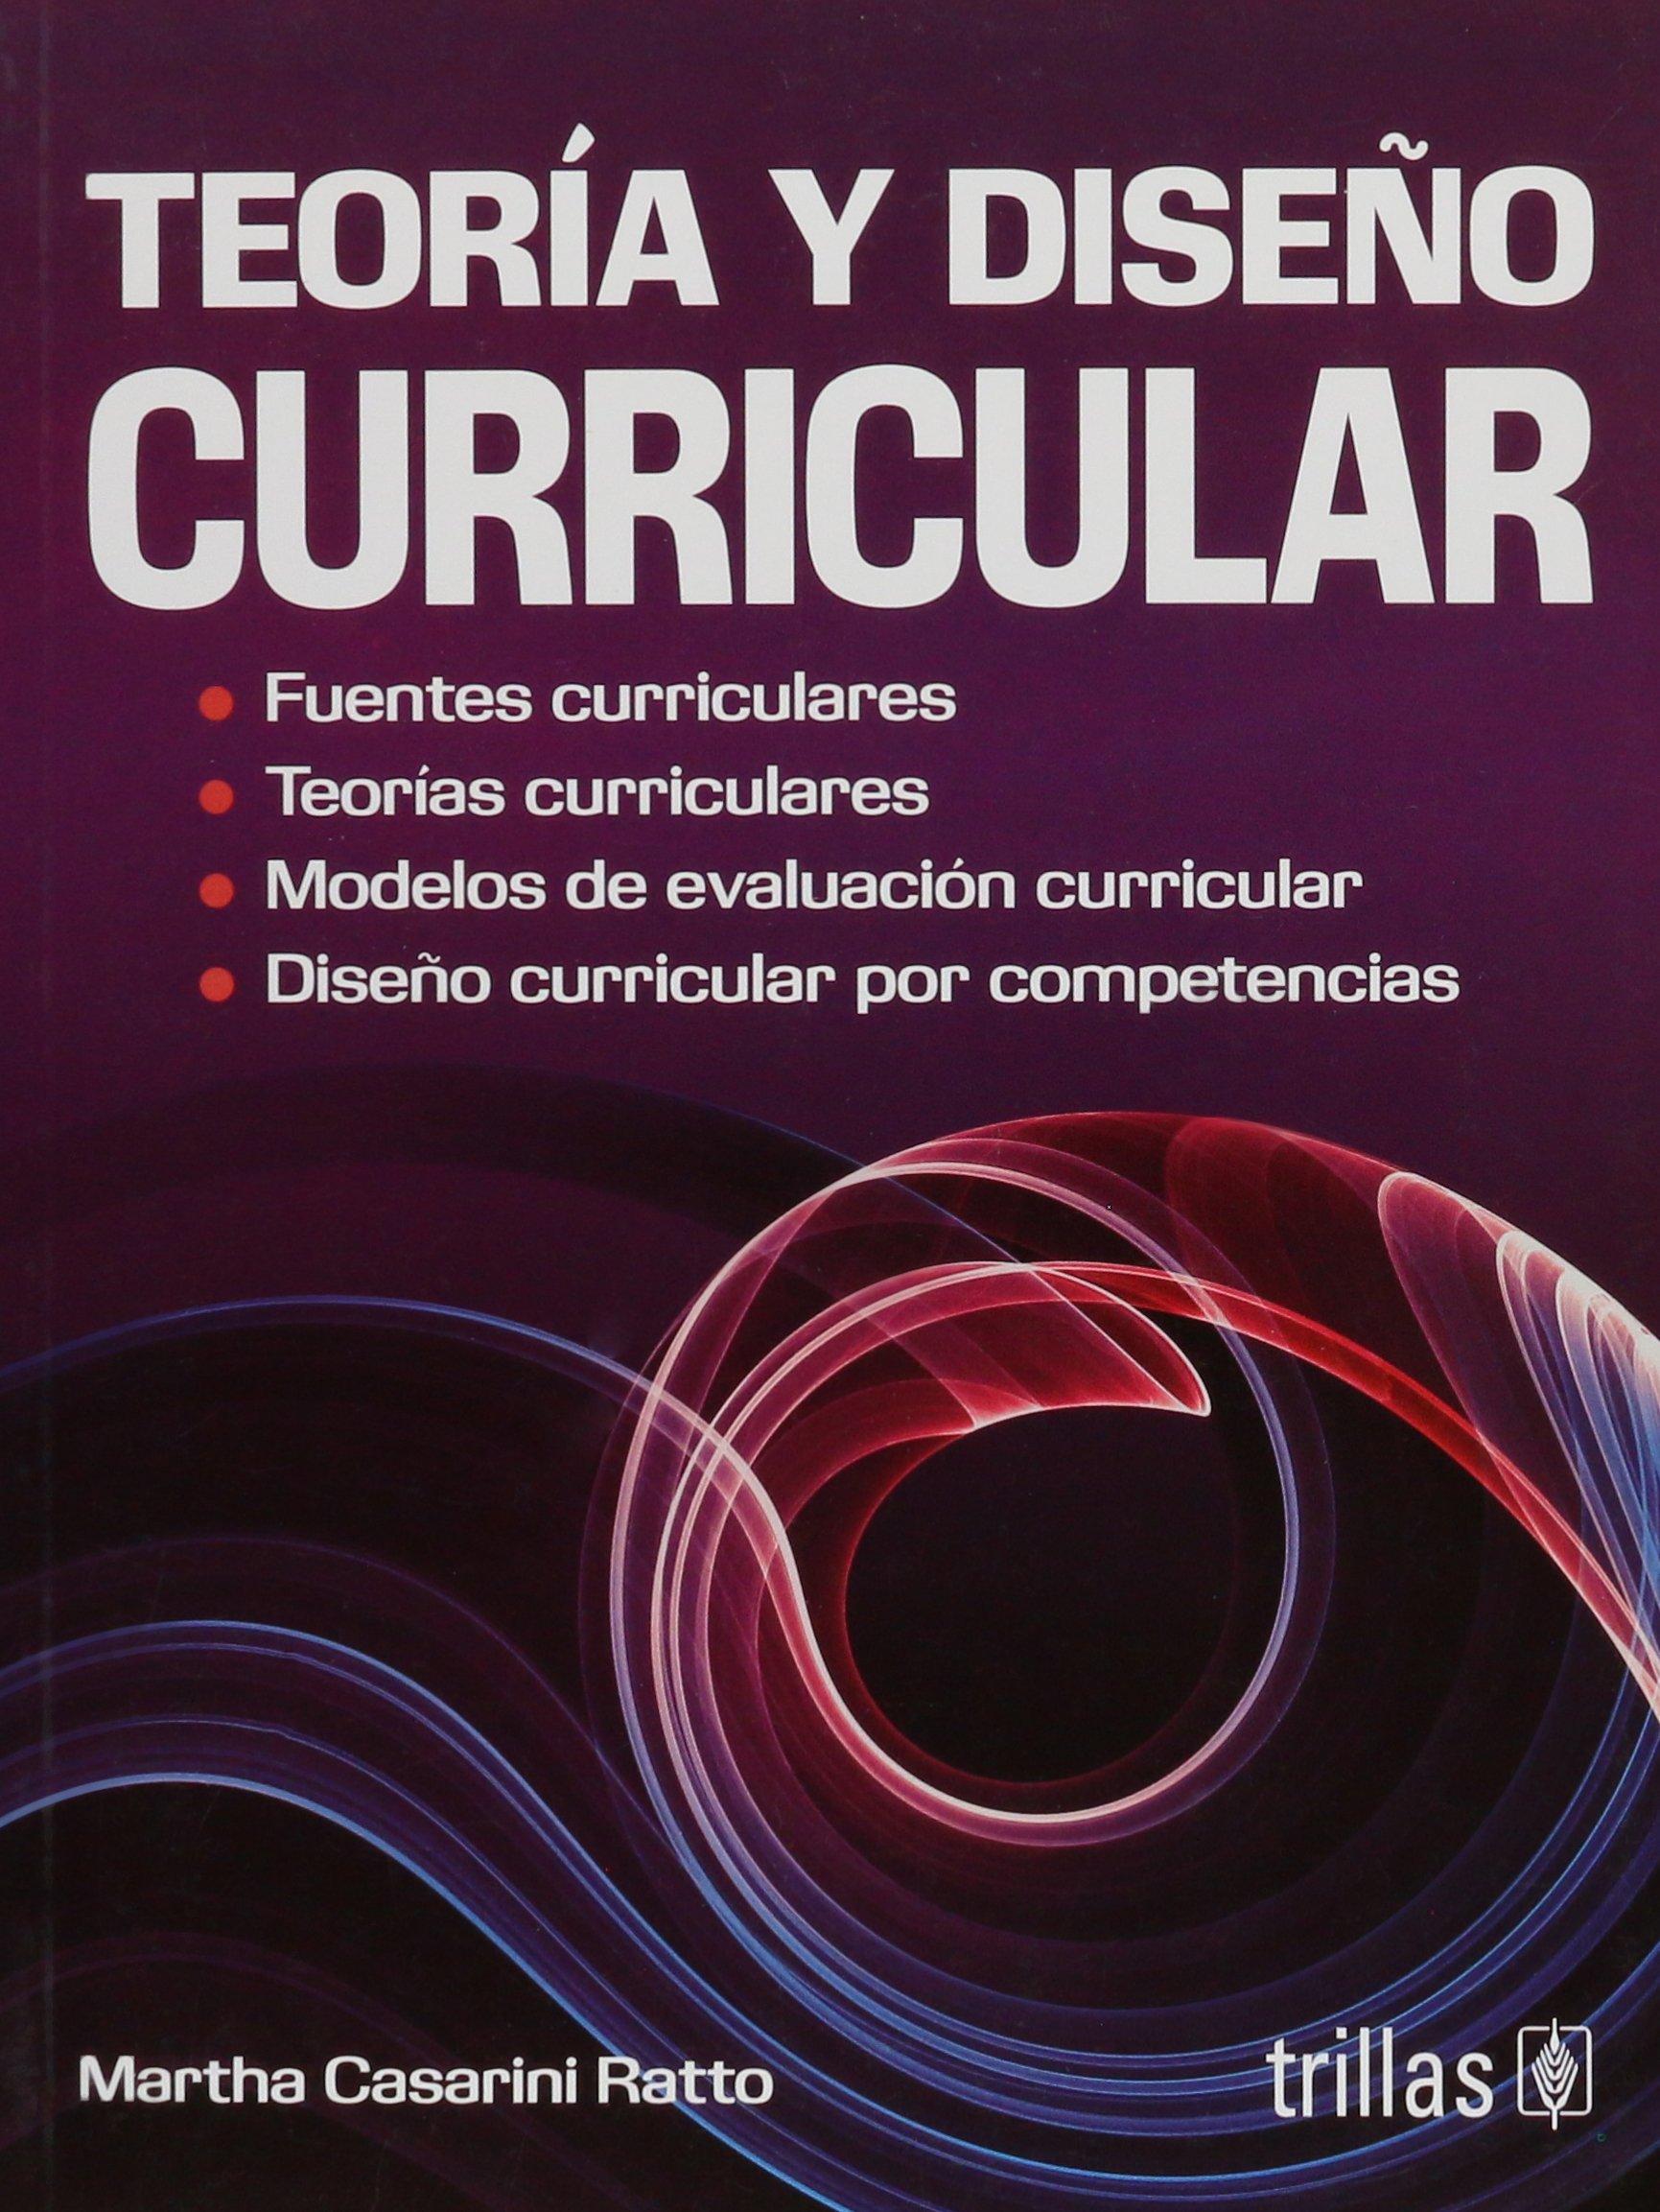 Teoria Y Diseño Curricular: Martha Casarini Ratto, EDITORIAL TRILLAS ...